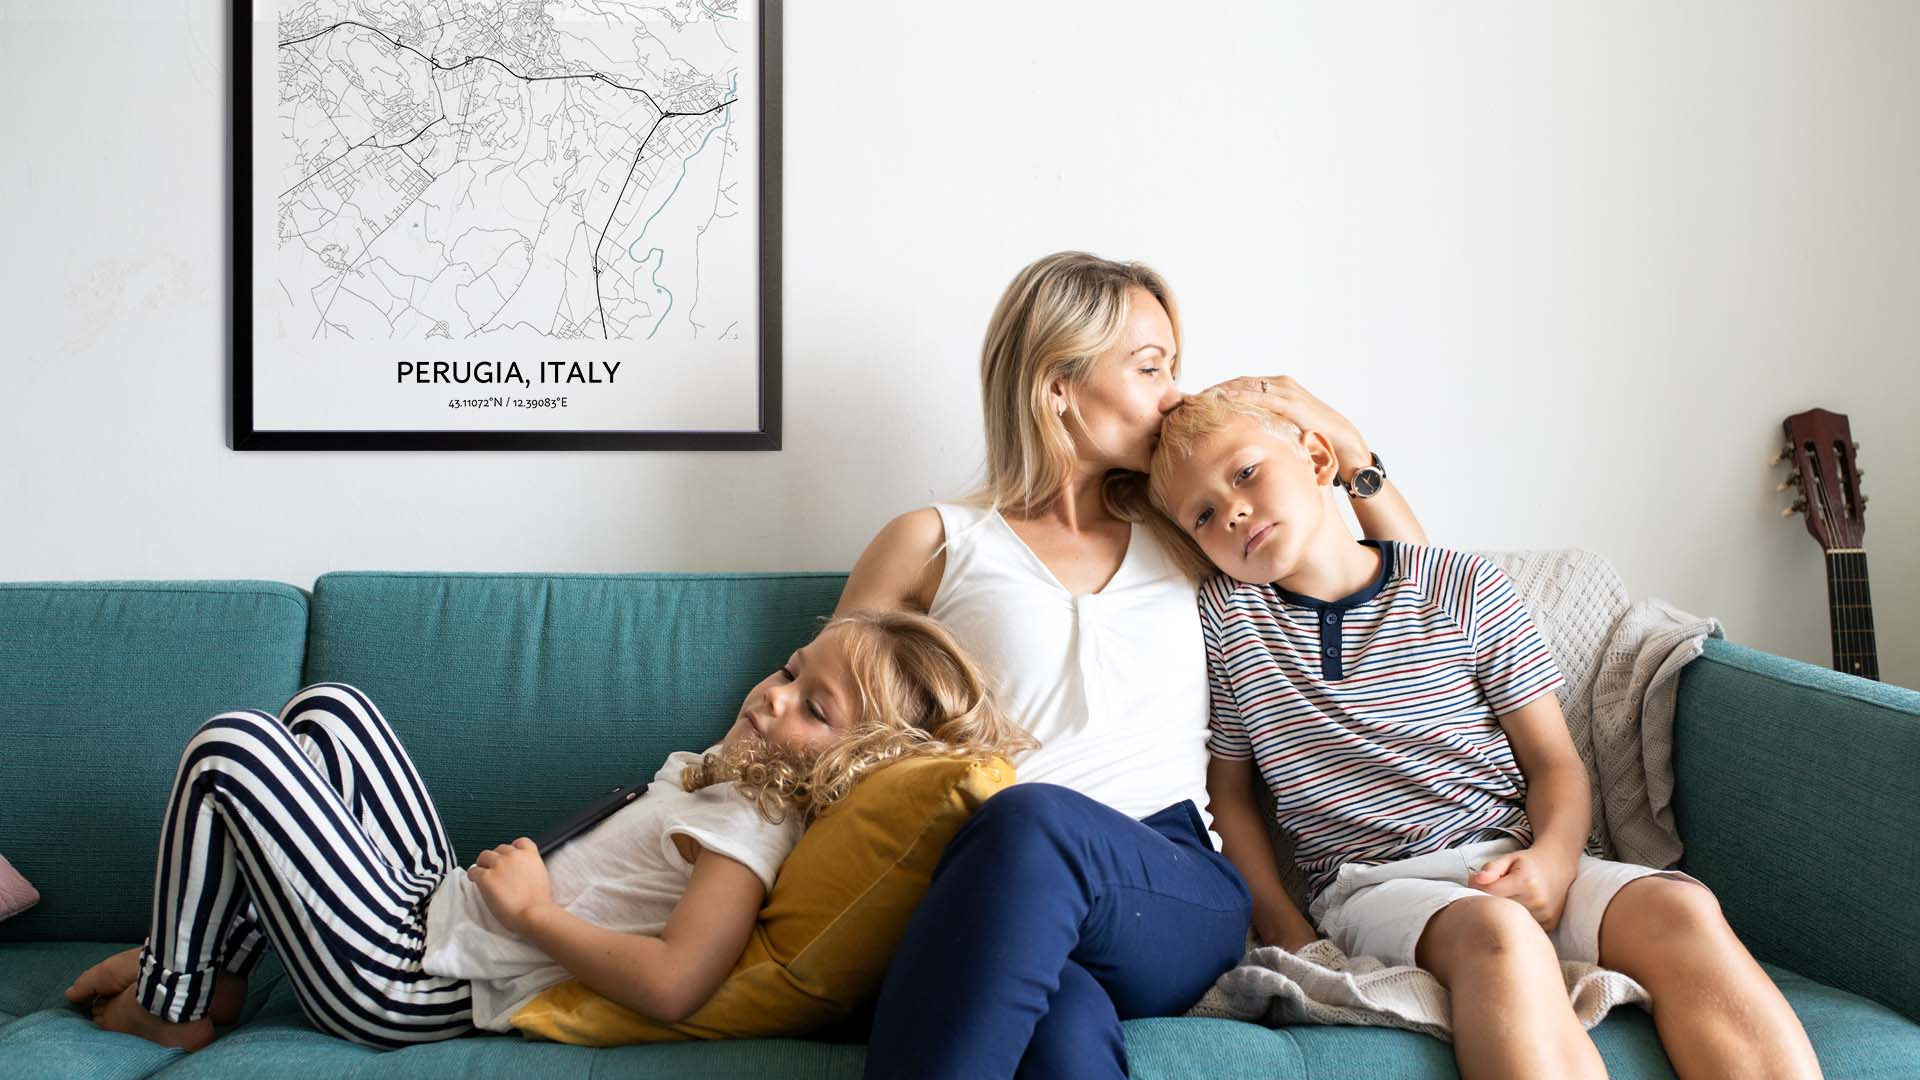 Perugia map poster